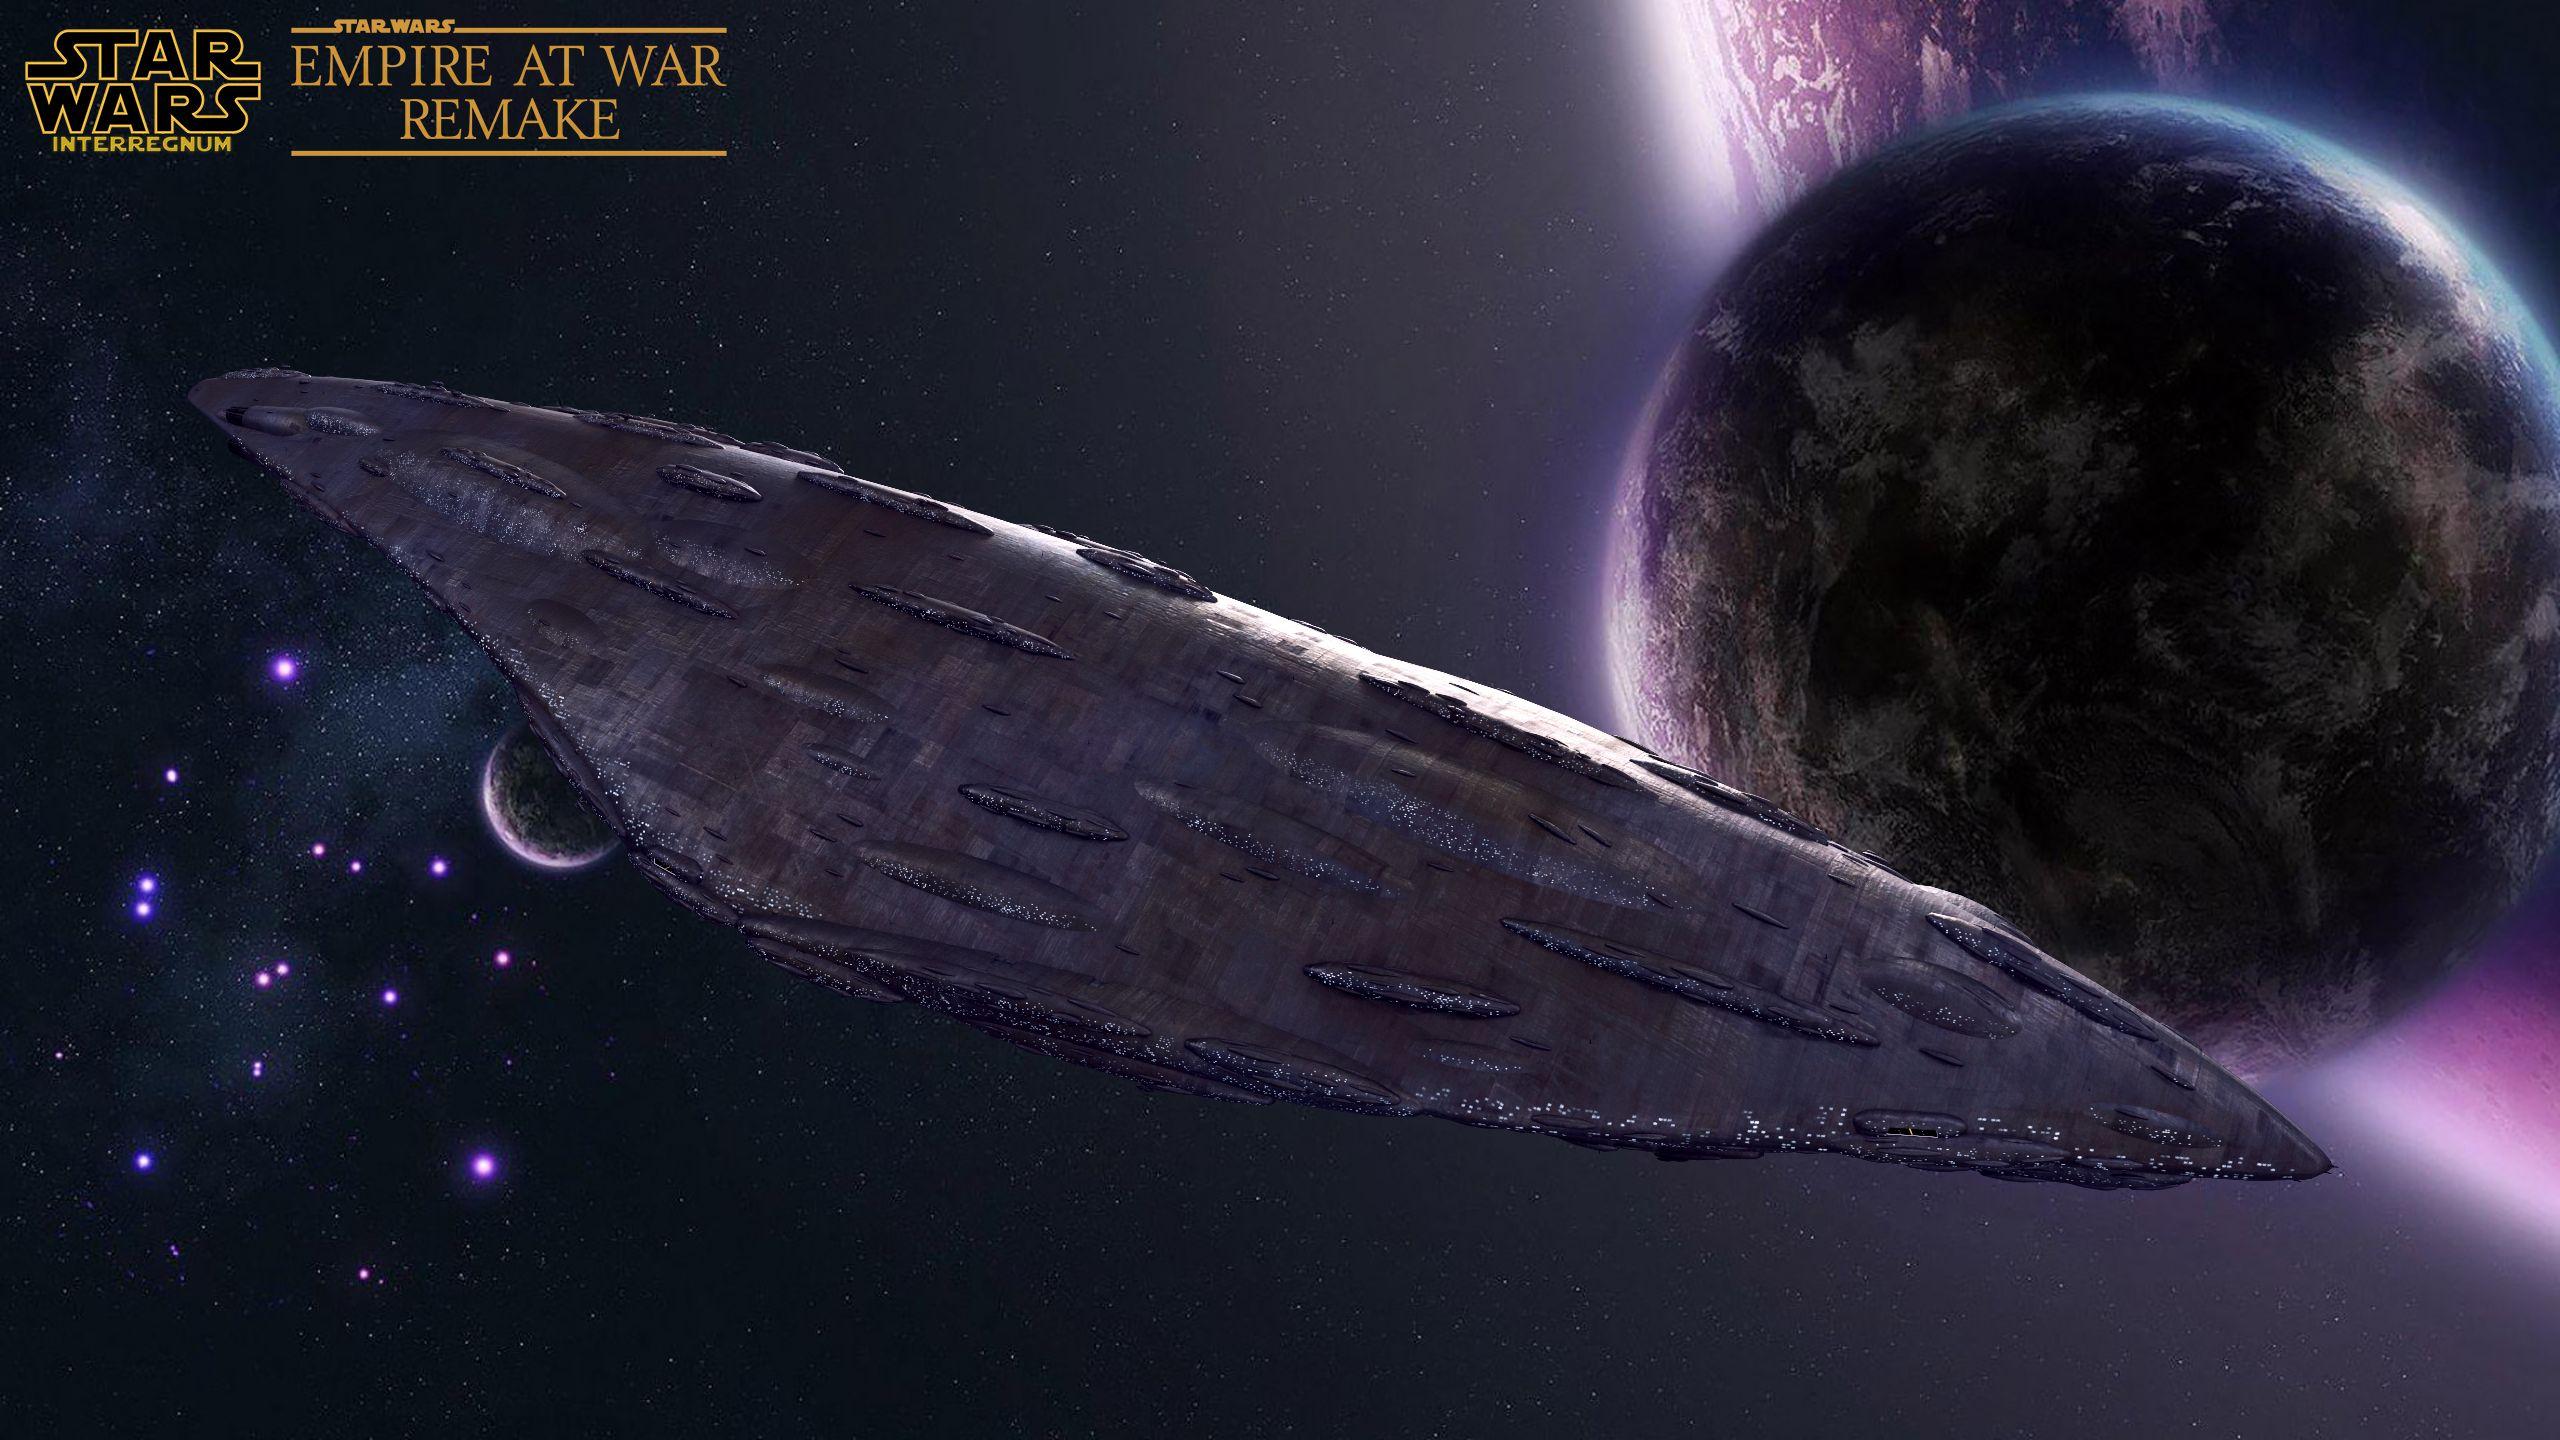 Viscount Star Defender 1 By Dolynick On Deviantart Star Wars Ships Deviantart Stargate Universe